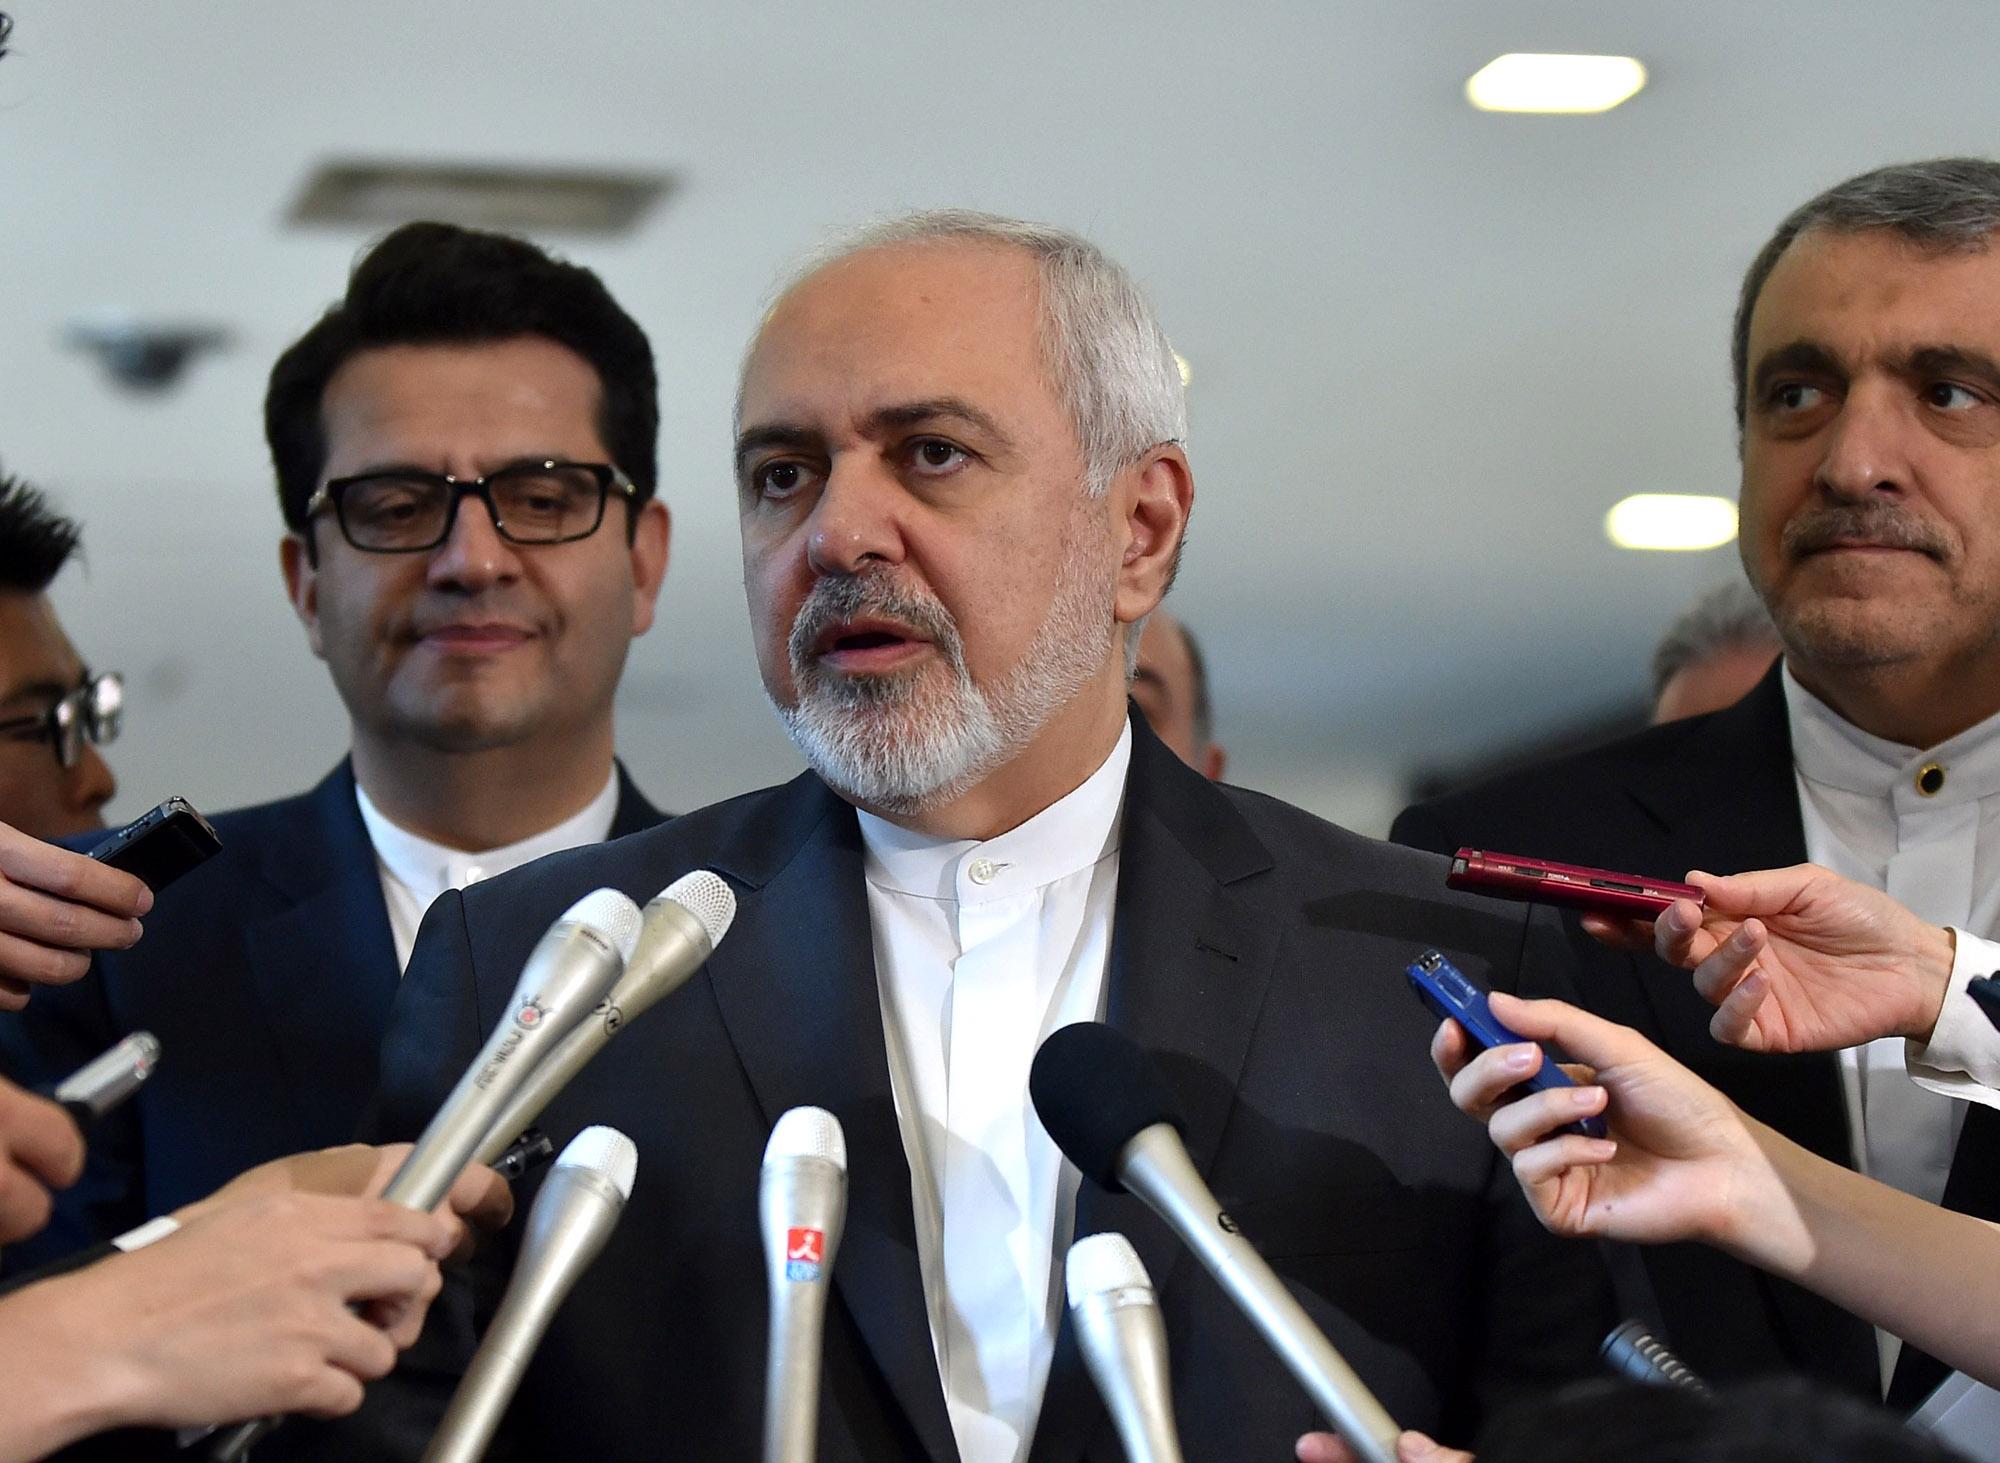 米国は核合意離脱で「墓穴掘った」-イラン外相がインタビューで語る - Bloomberg